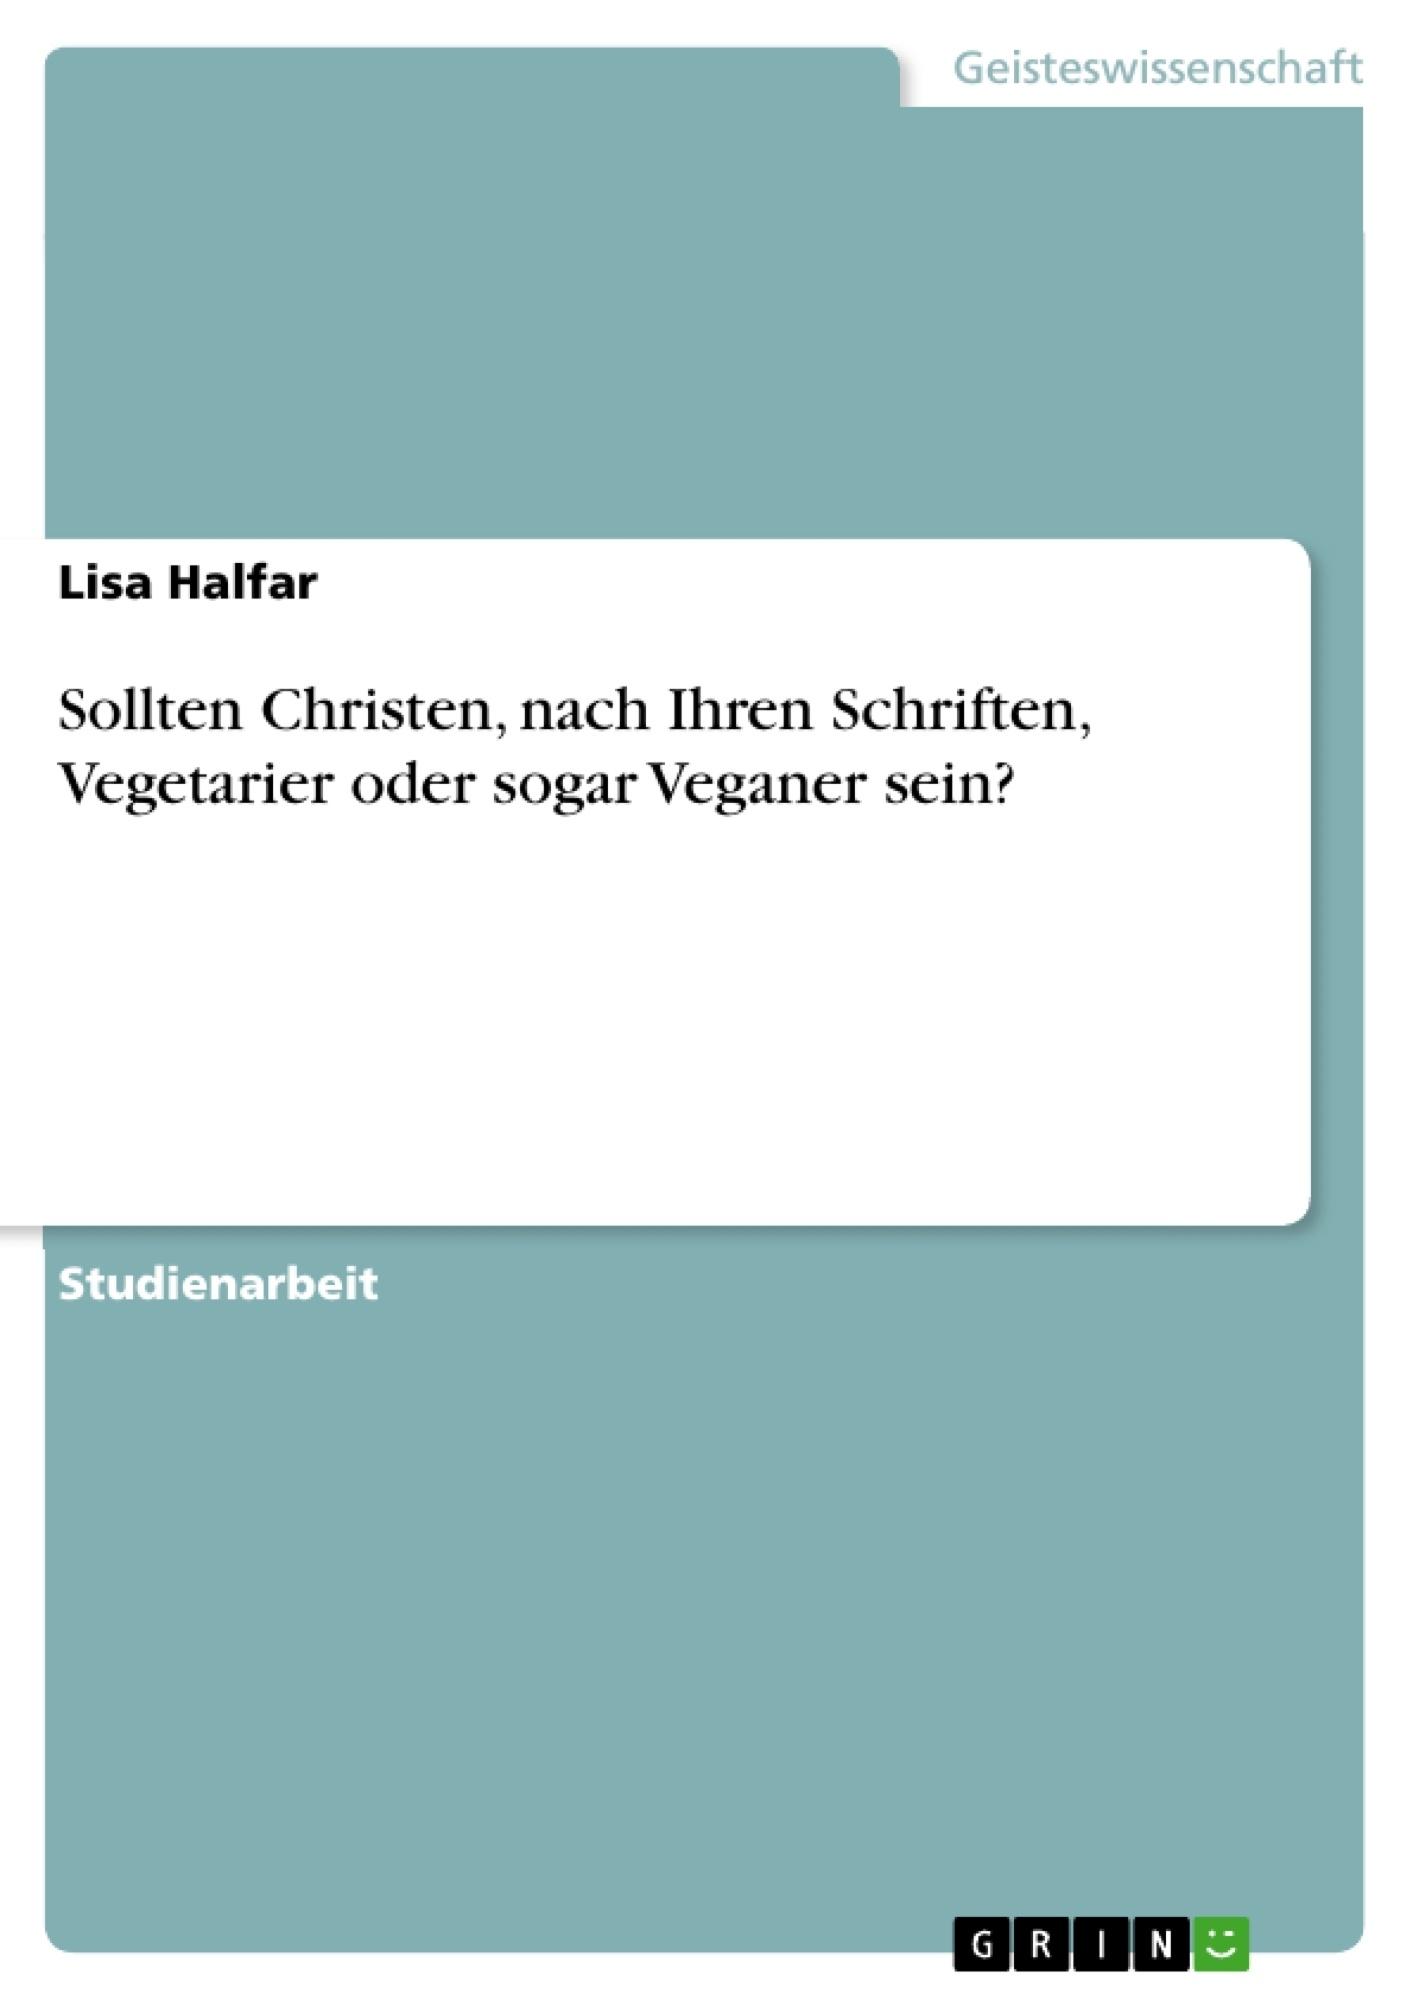 Titel: Sollten Christen, nach Ihren Schriften, Vegetarier oder sogar Veganer sein?